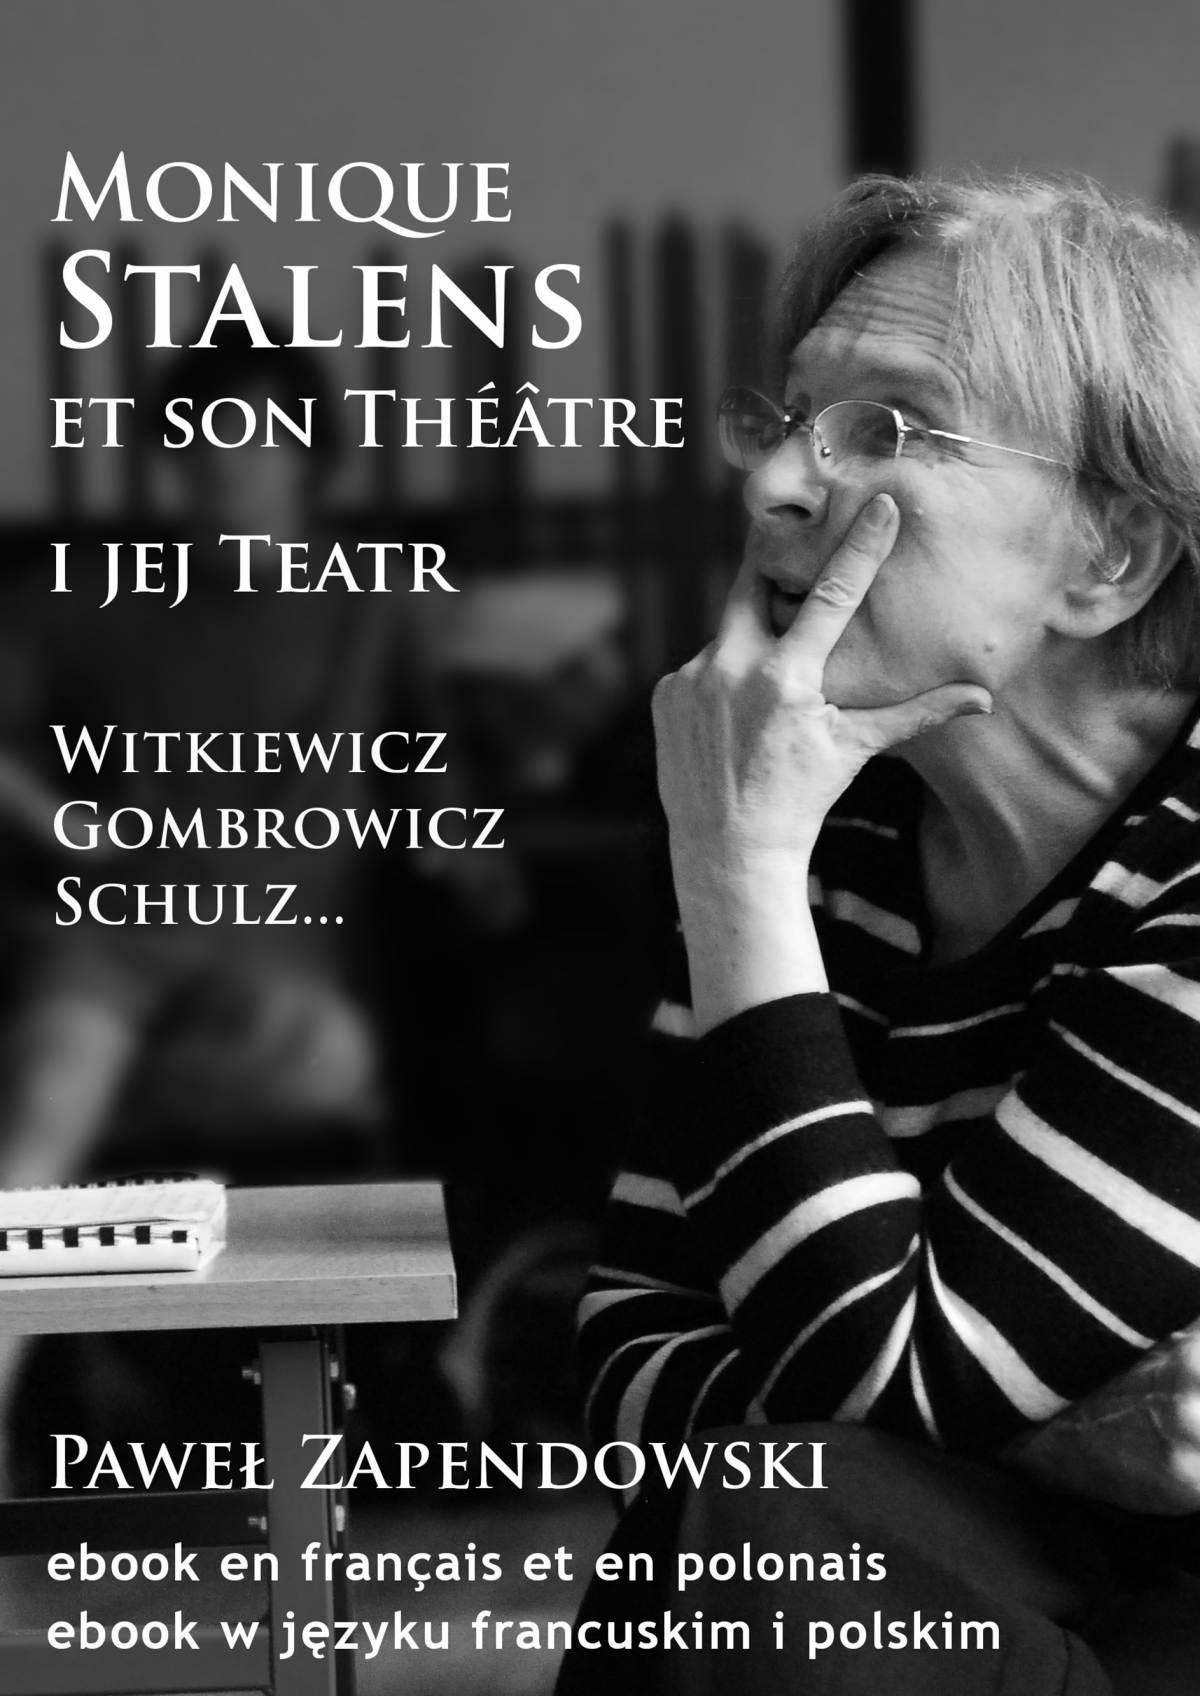 Monique Stalens et son Théâtre. Witkiewicz, Gombrowicz, Schulz... - Ebook (Książka EPUB) do pobrania w formacie EPUB